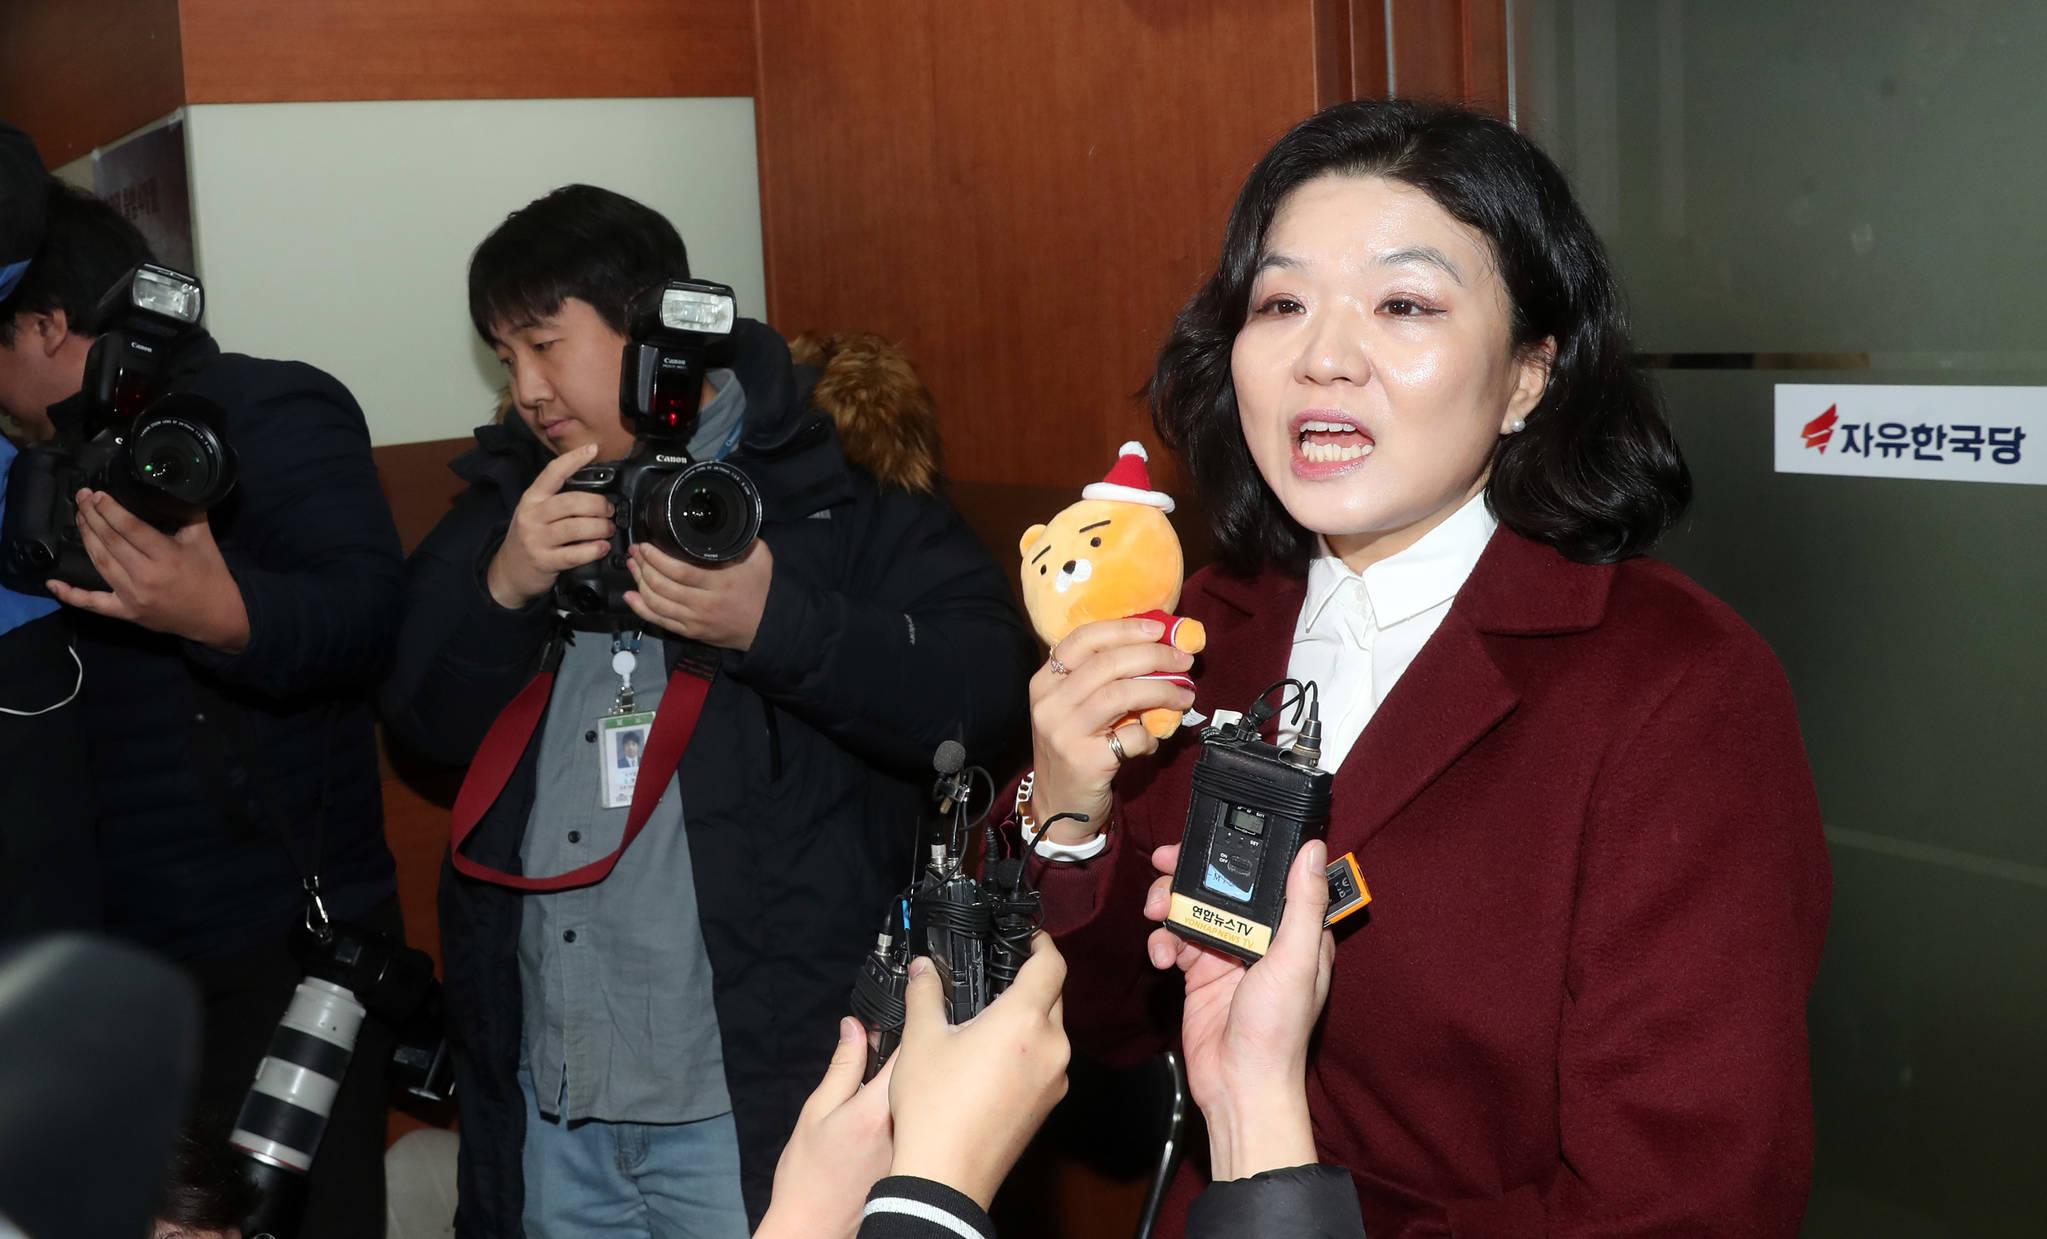 류여해 자유한국당 최고위원이 22일 서울 여의도 ??고위원회에 입장하려다 홍문표 사무총장이 제지하고 있다. 강정현 기자